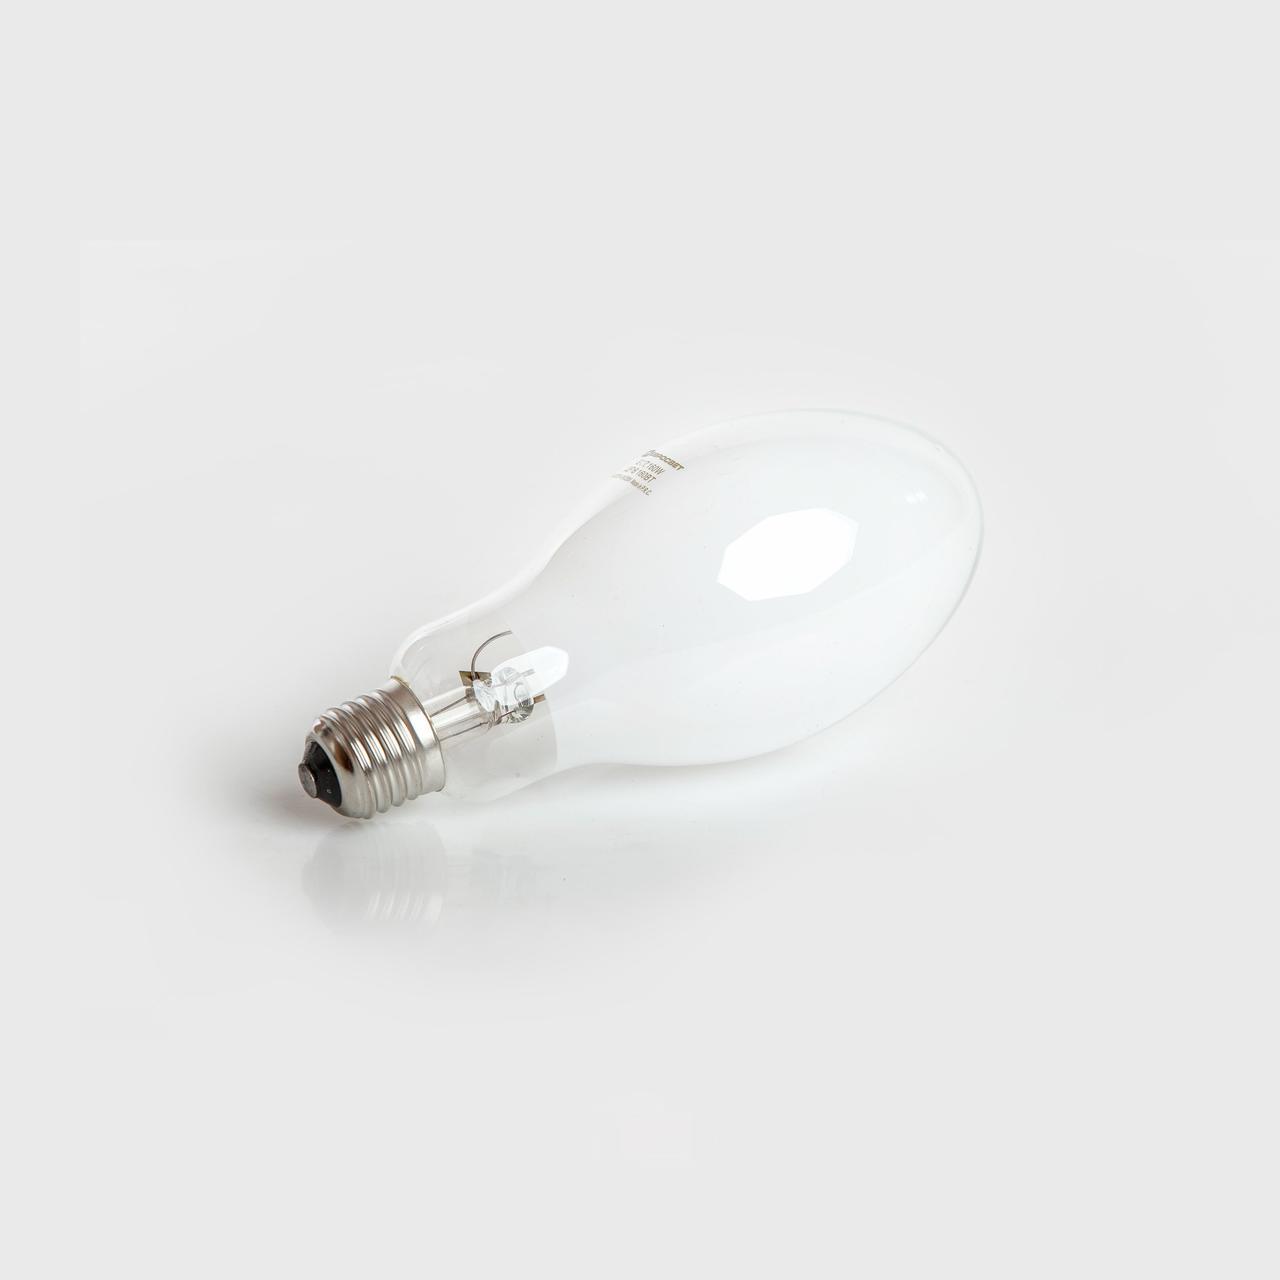 Лампа ртутно-вольфрамовая GYZ 250W 220v E27  - ЭЛЕКТРОПАРК в Днепре